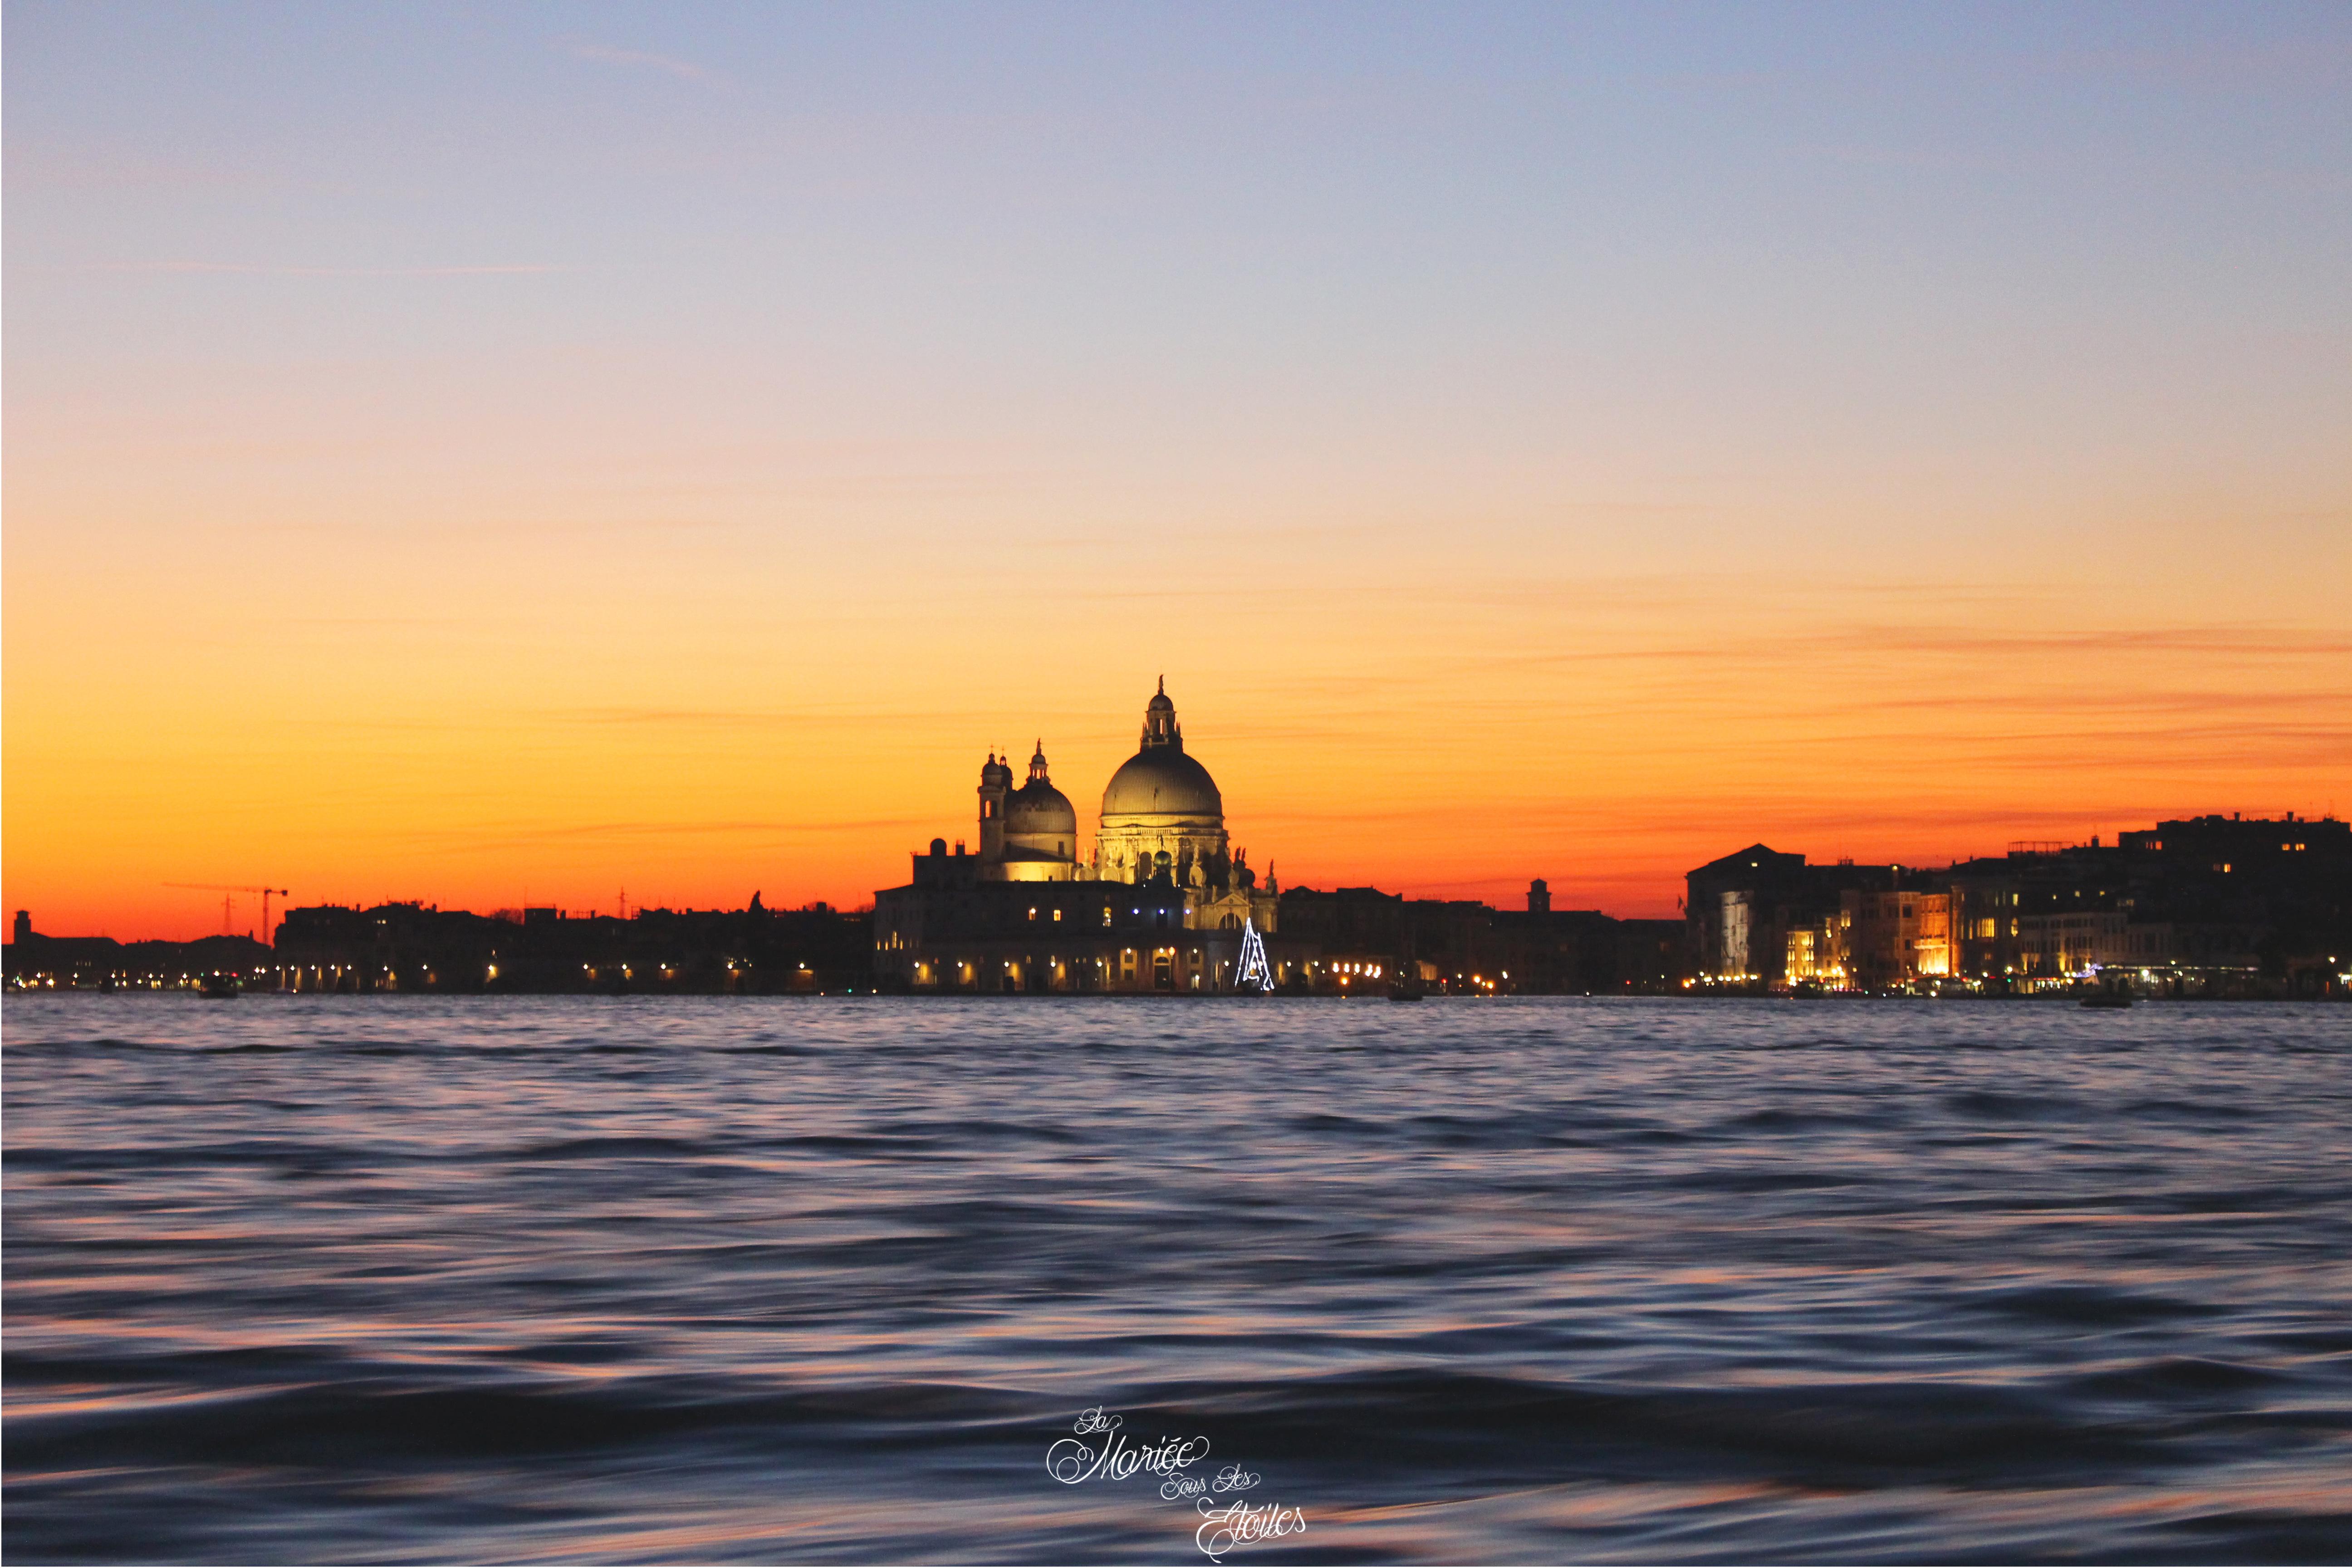 Coucher de soleil sur Venise | Voyage en amoureux - Venise, Italie